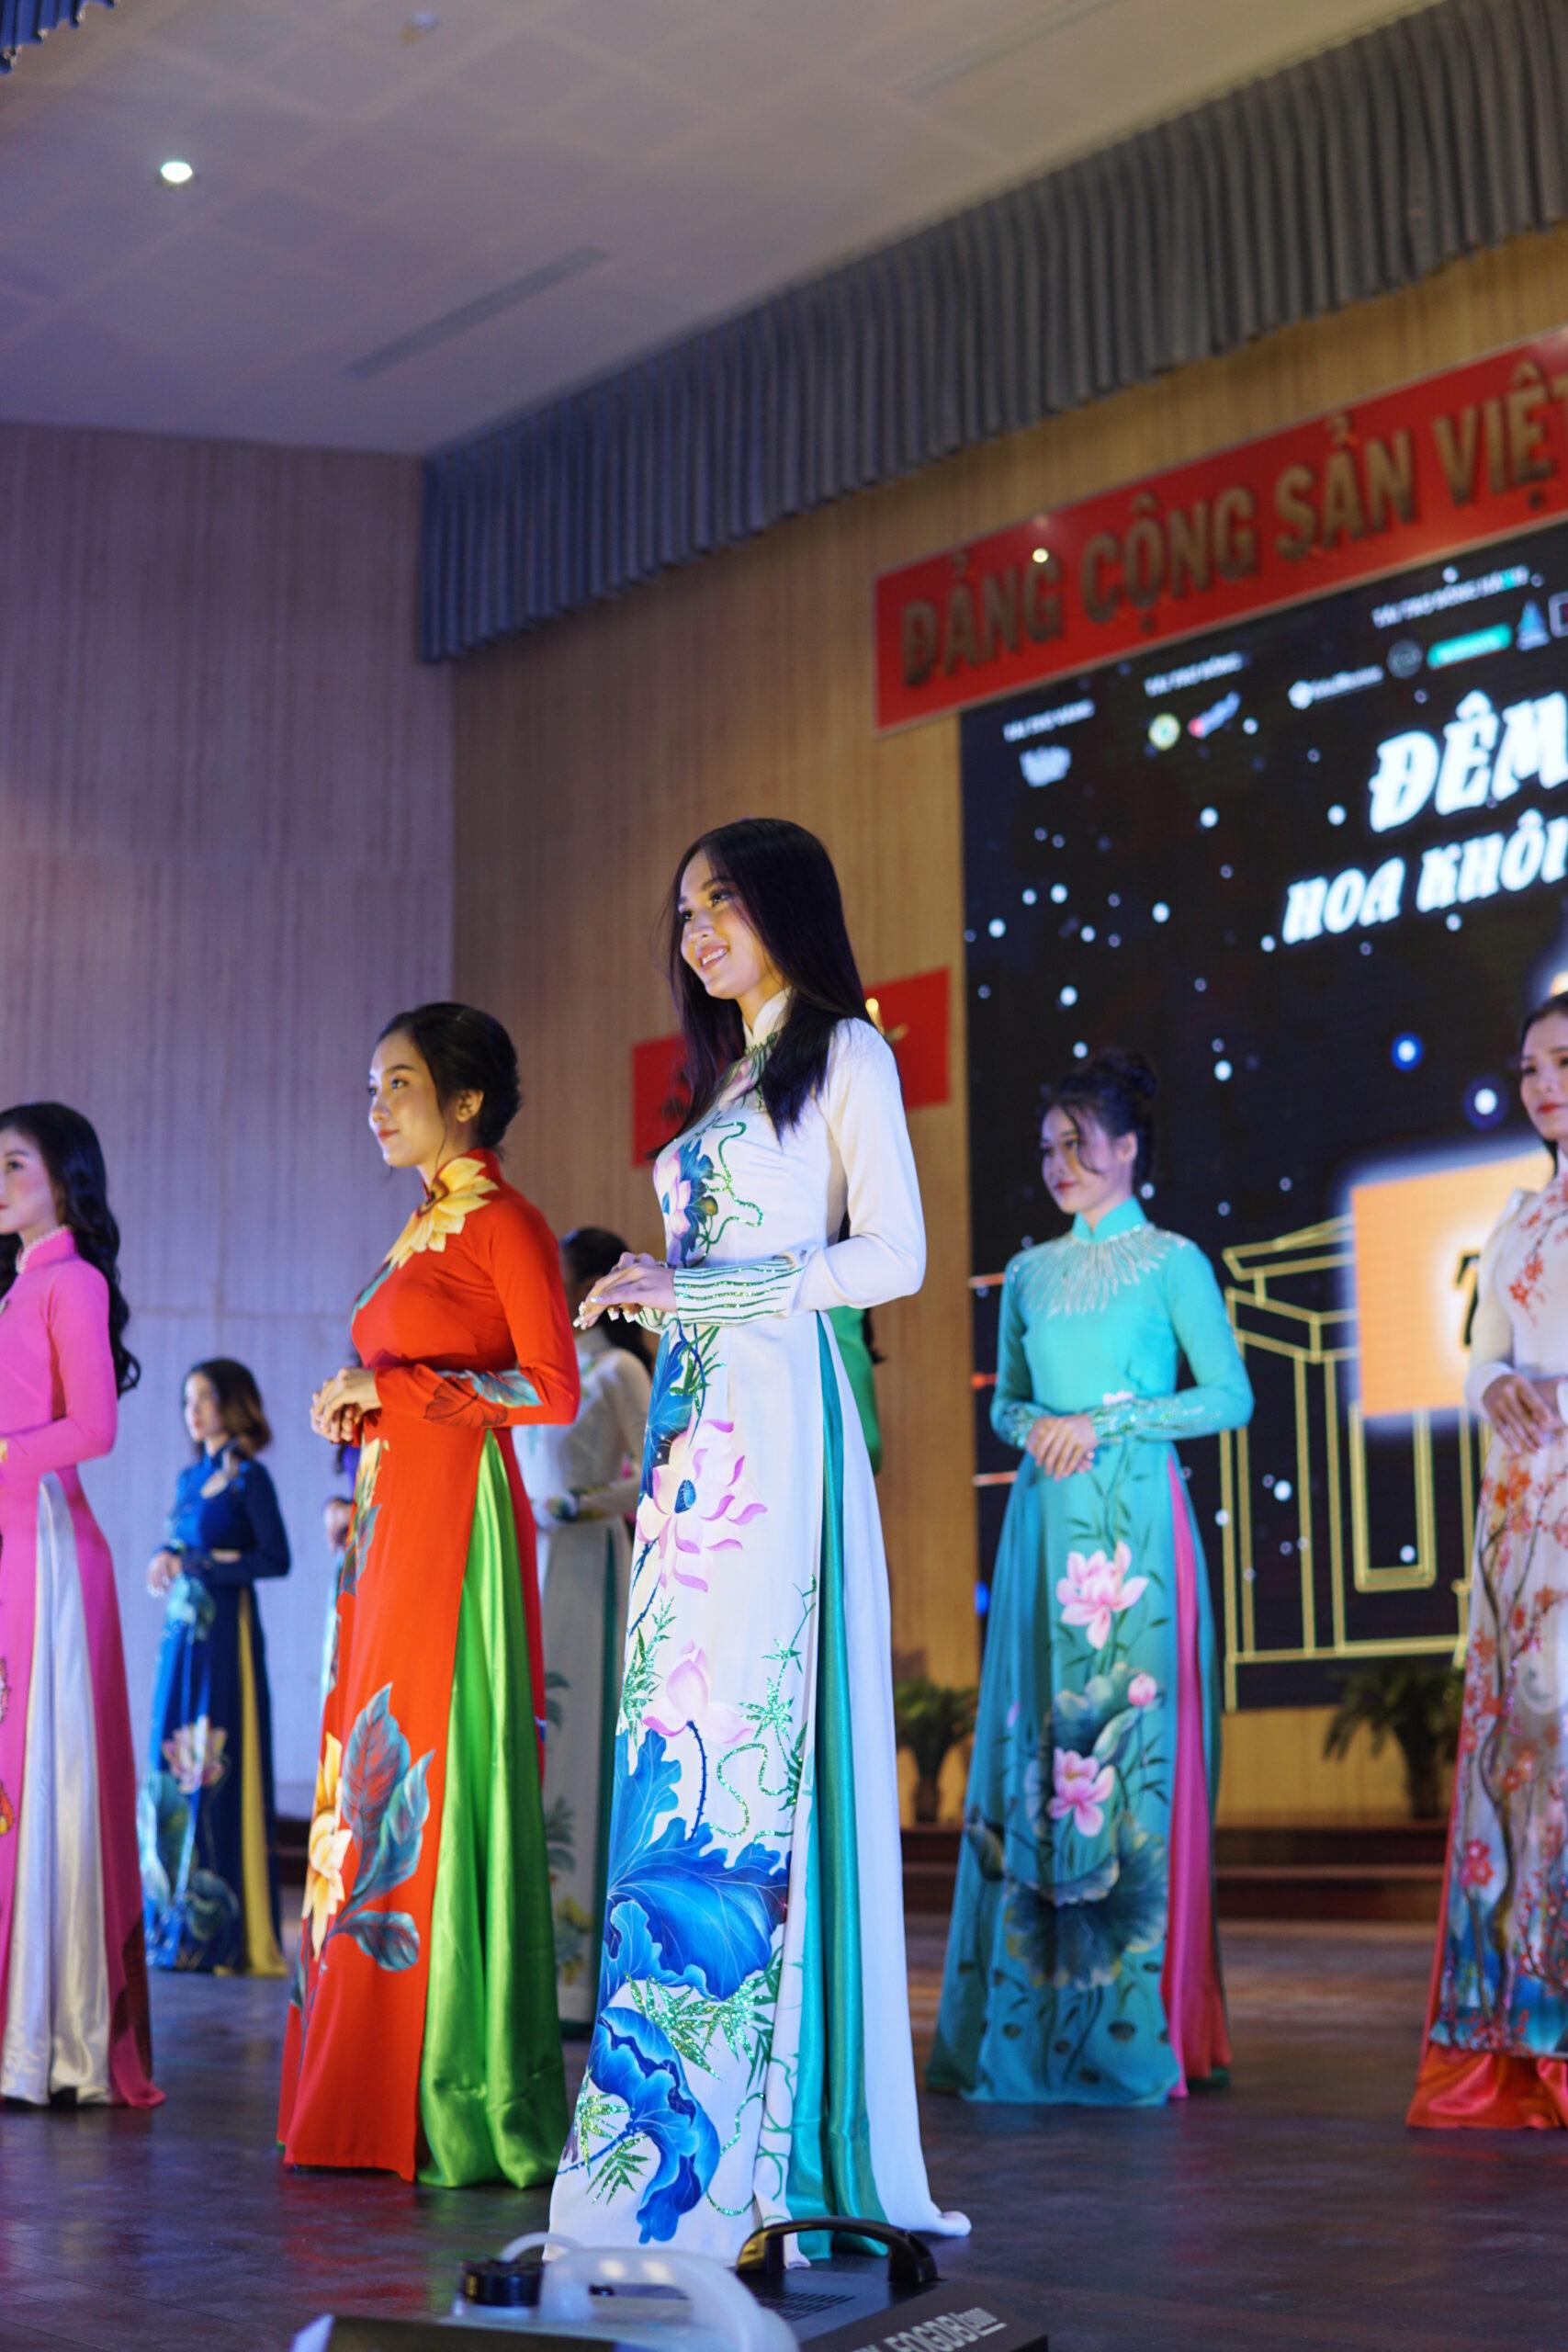 Thí sinh trong phần dự thi Bộ sưu tập áo dài mở đầu Đêm chung kết.